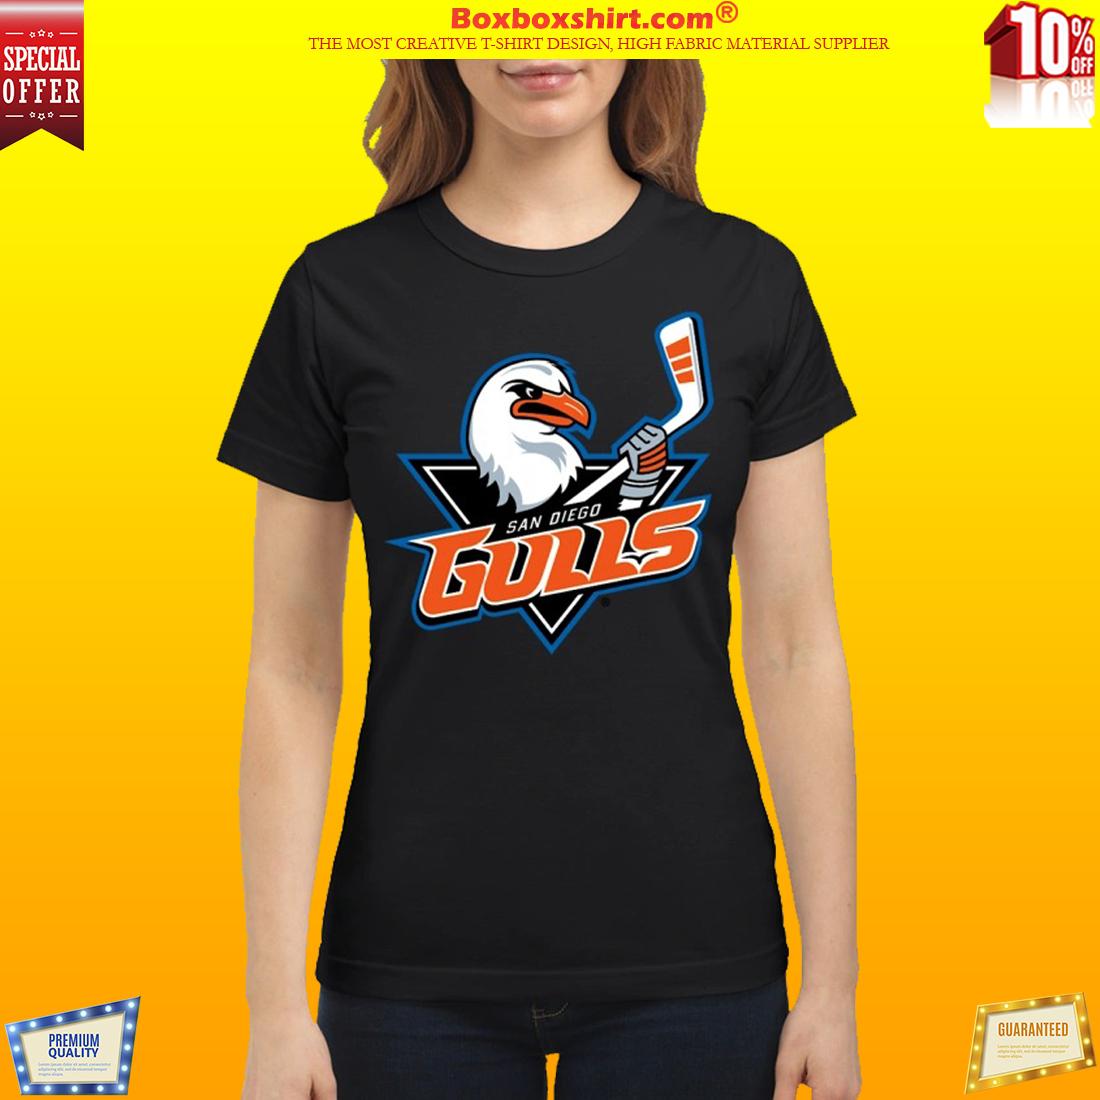 San Diego Gulls Hockey team logo classic shirt